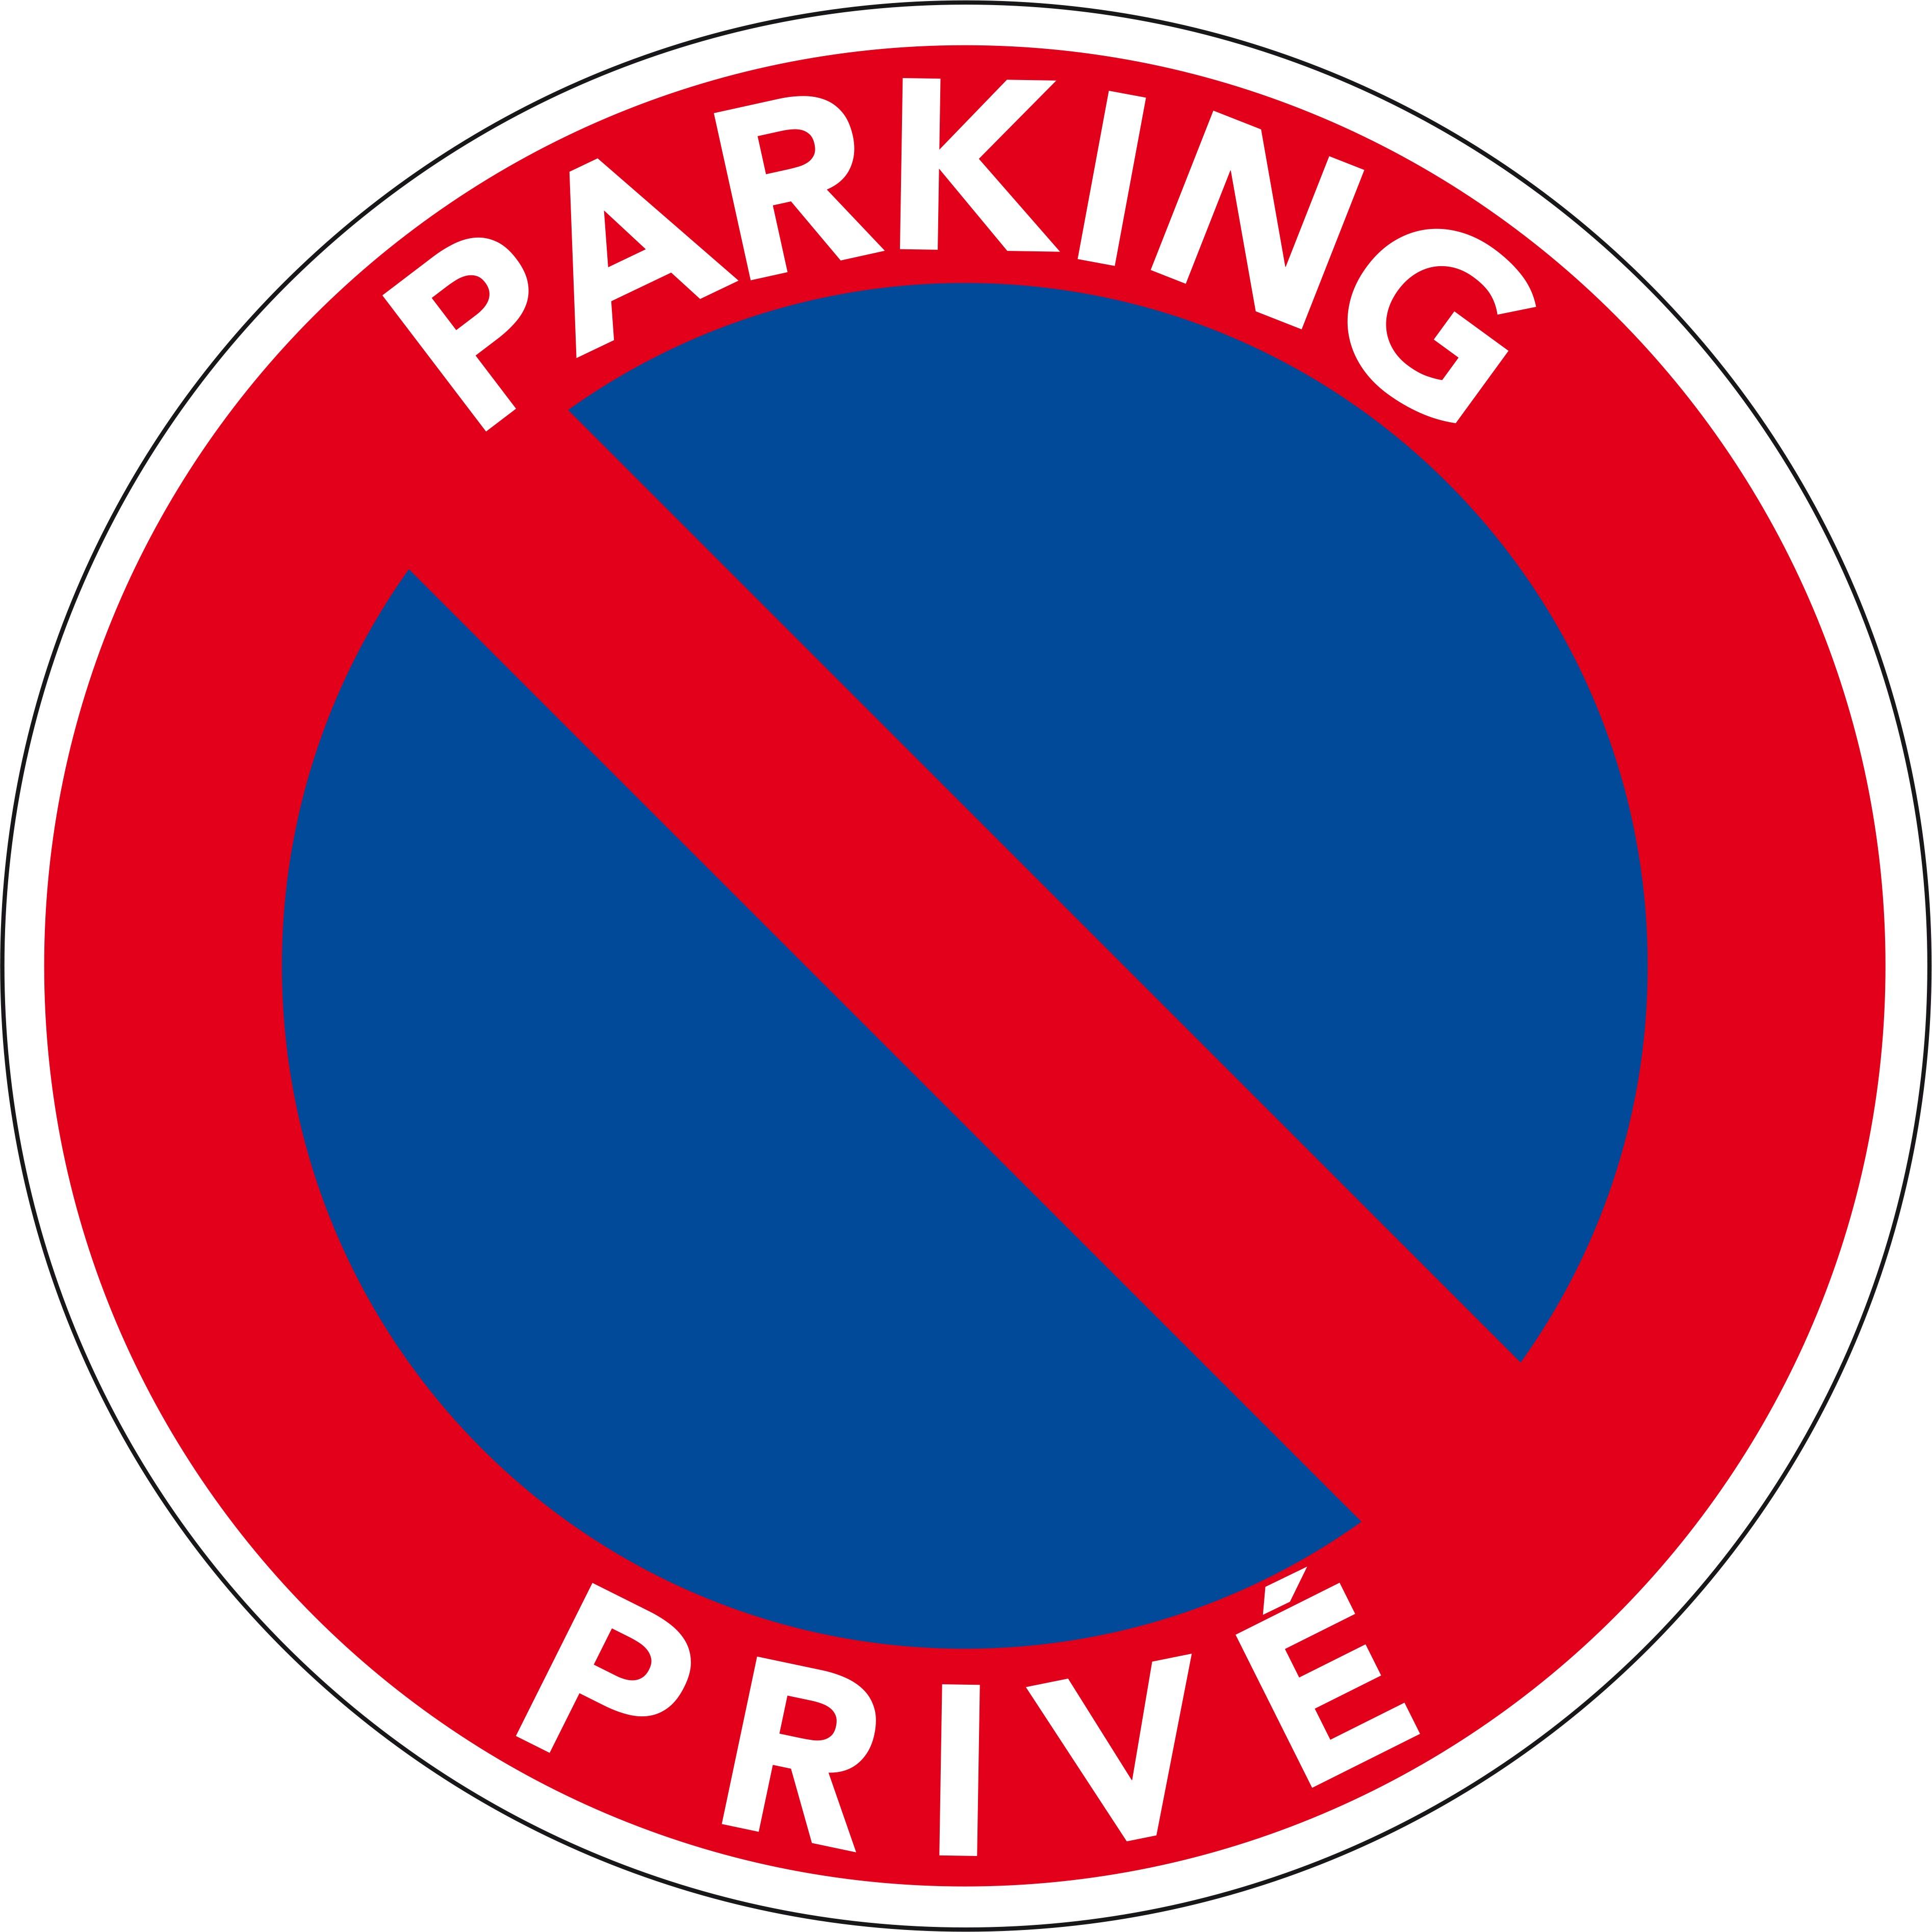 Panneau interdiction de stationner a imprimer - Panneau interdiction stationner ...